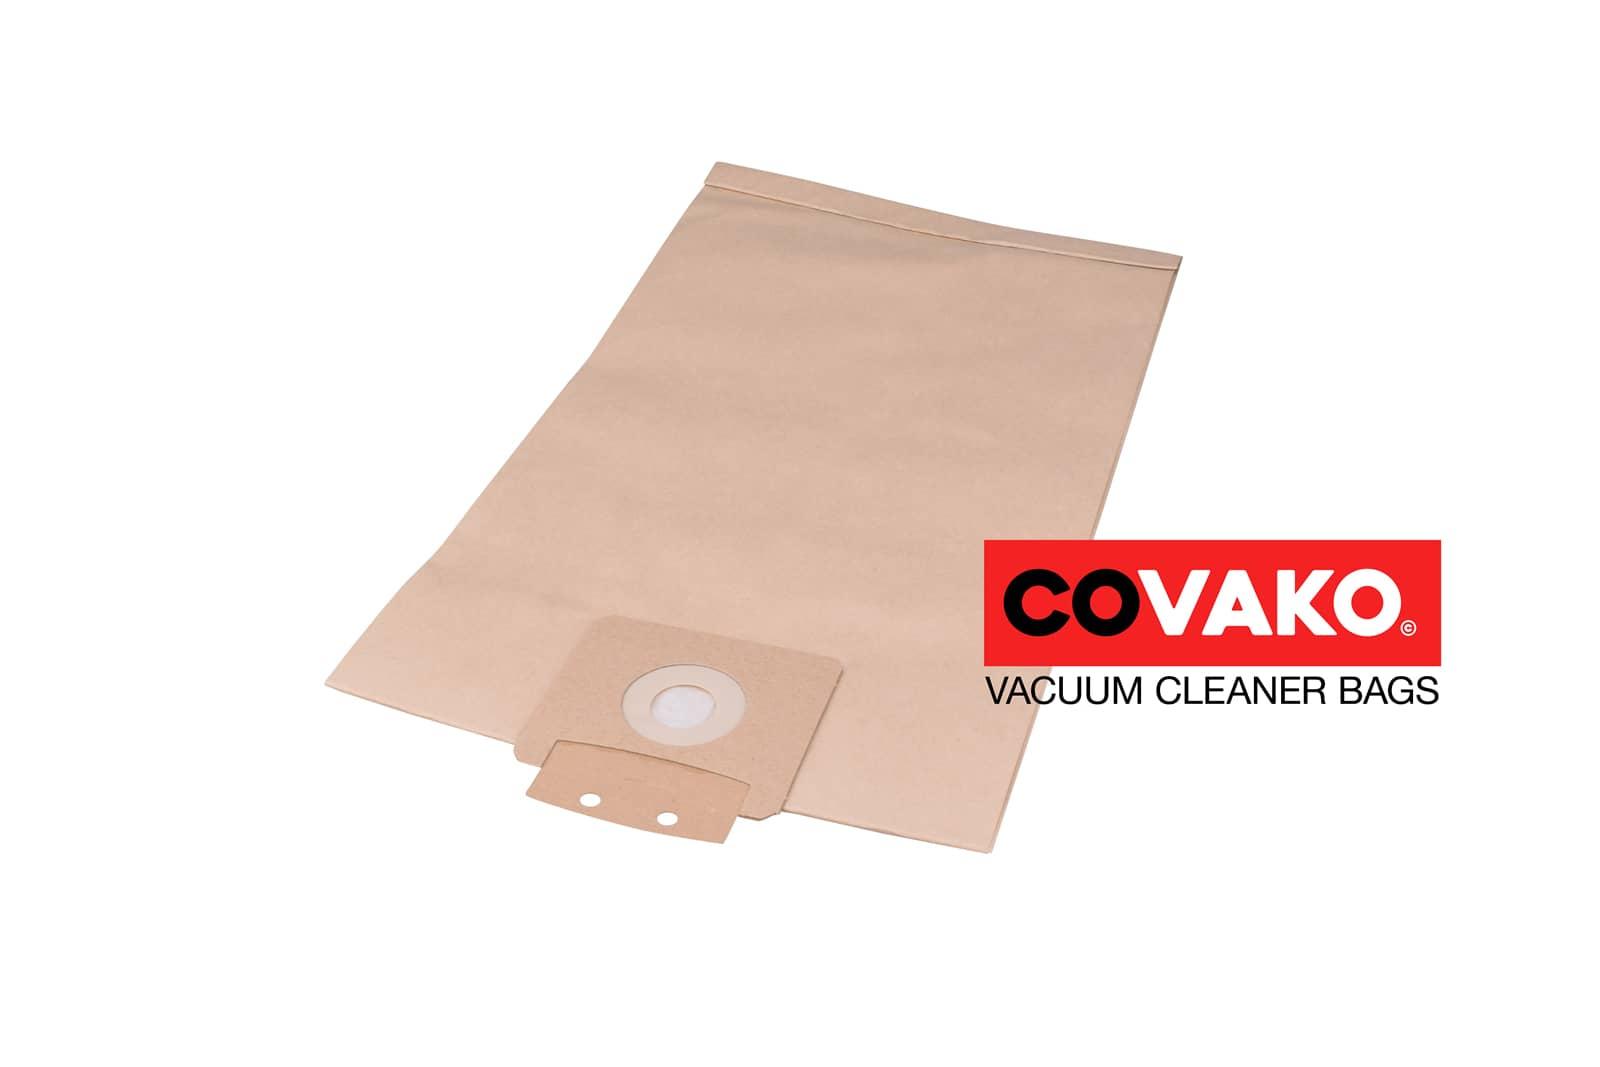 Diversy Vento 8 / Papier - Diversy sacs d'aspirateur